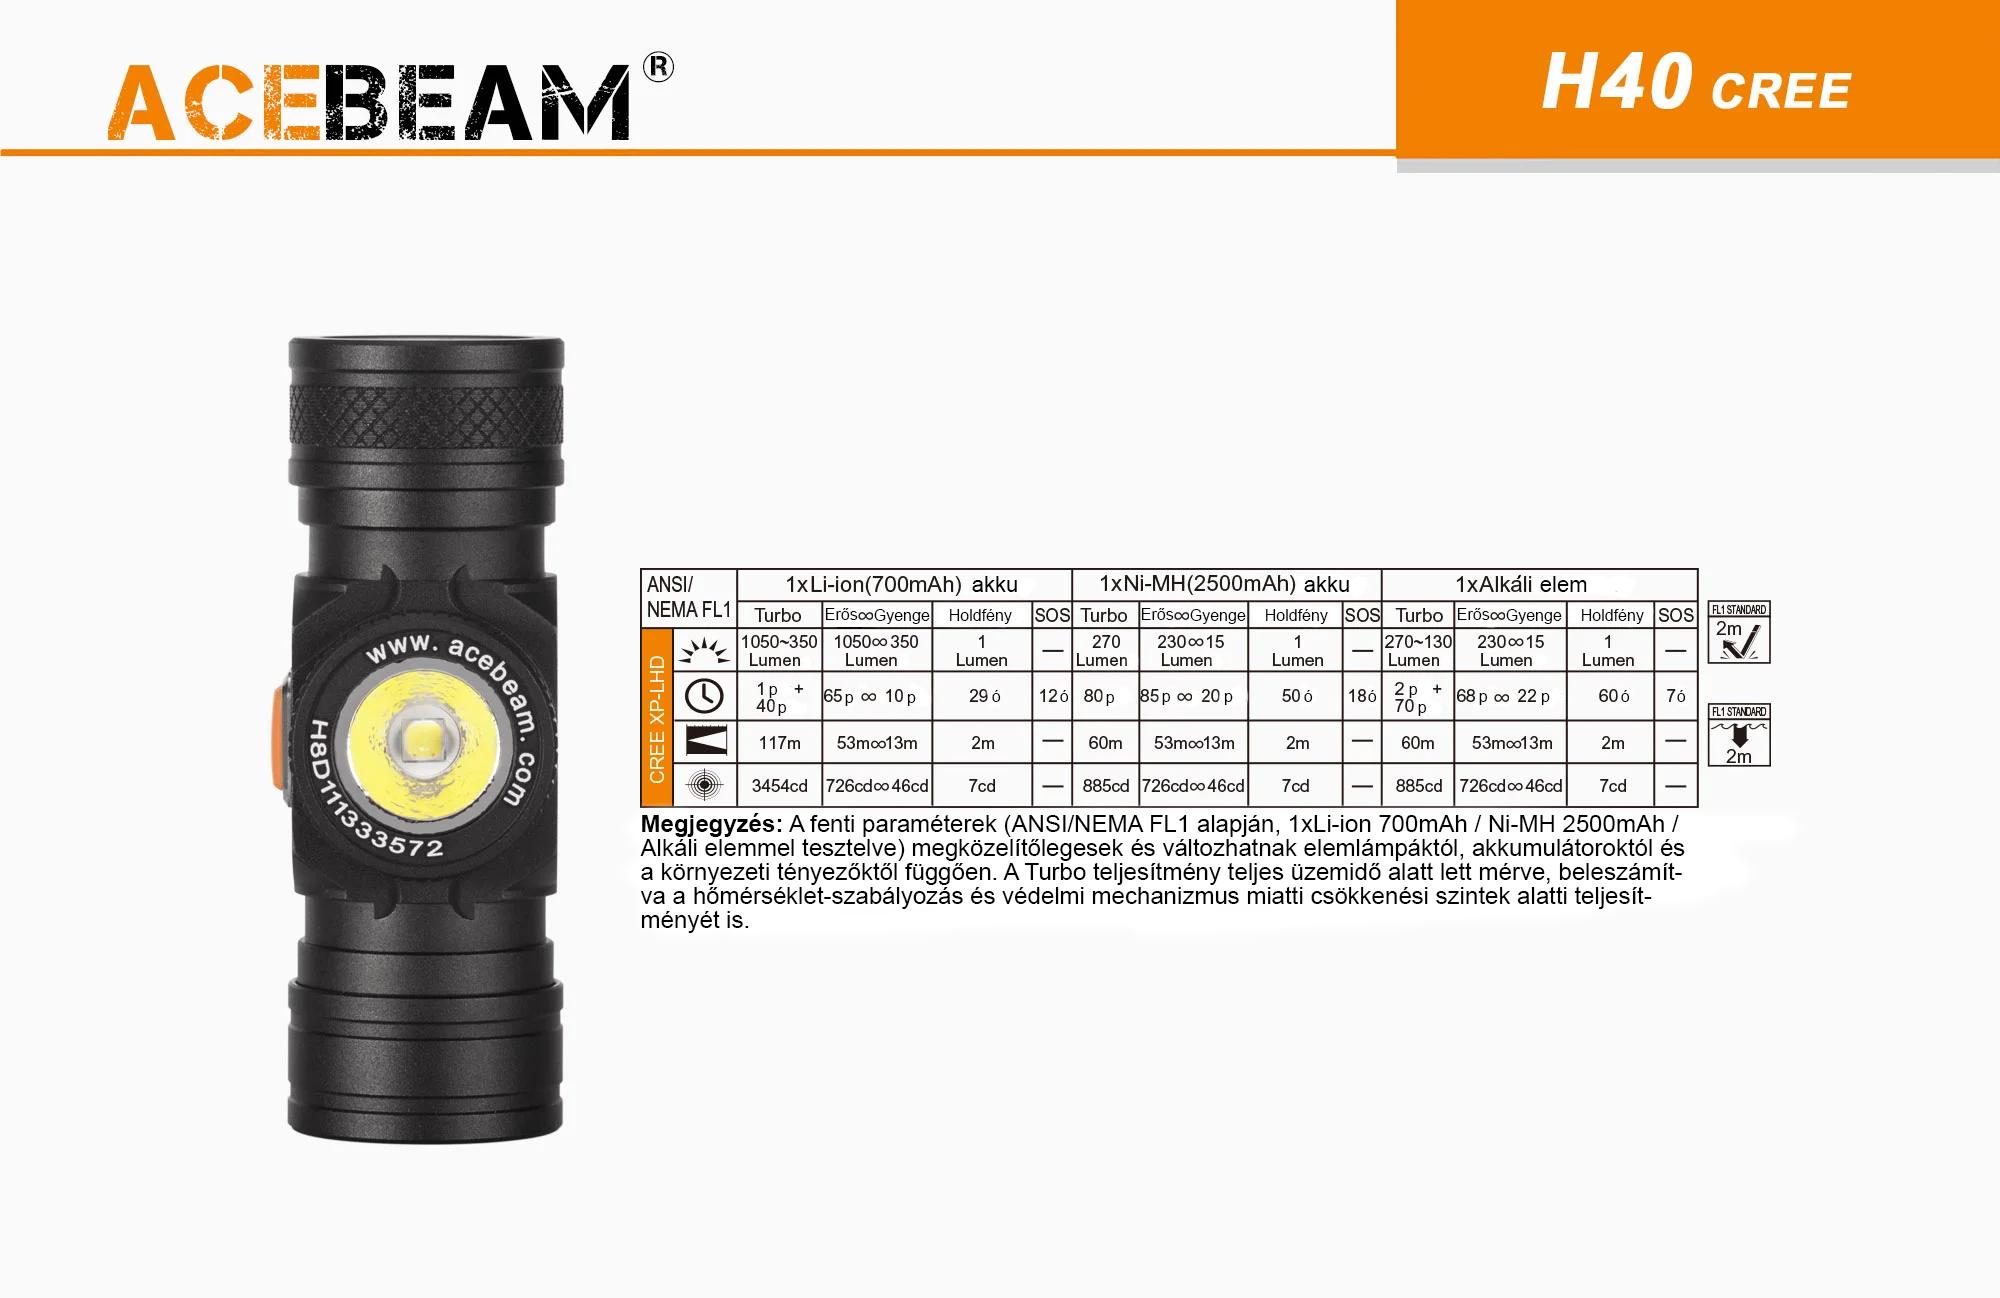 AceBeam H40 fejlámpa